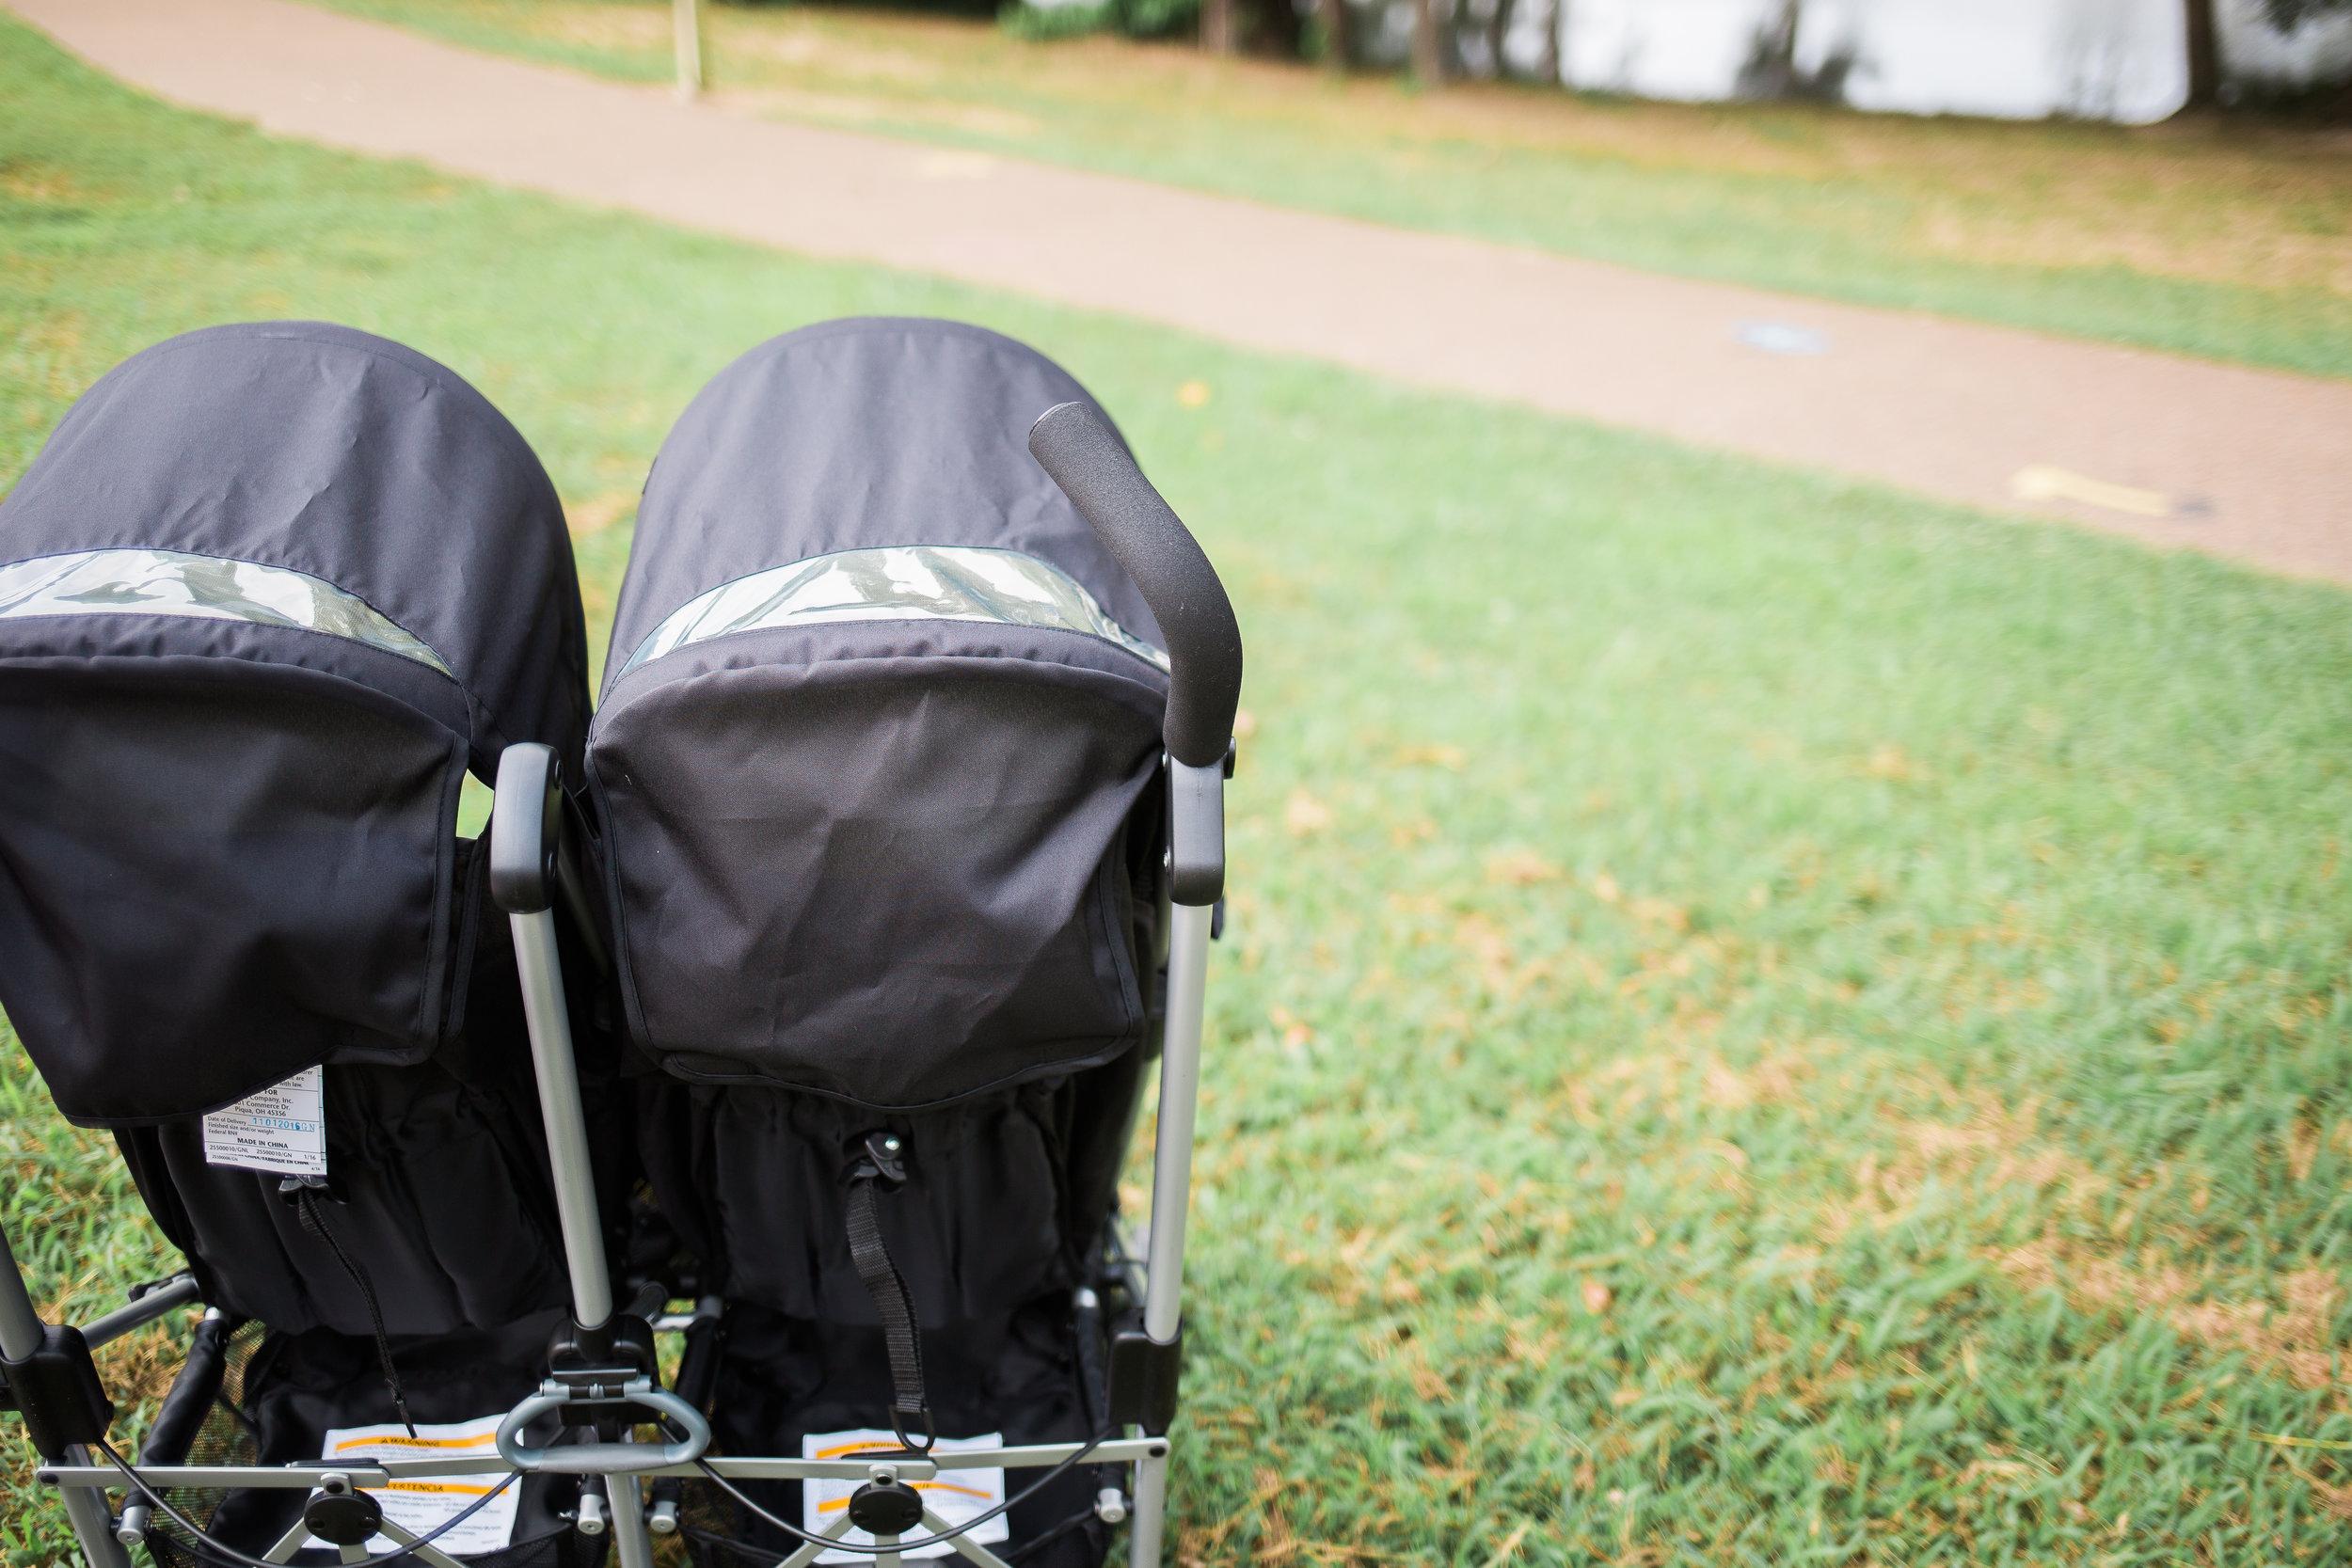 stroller-11.jpg